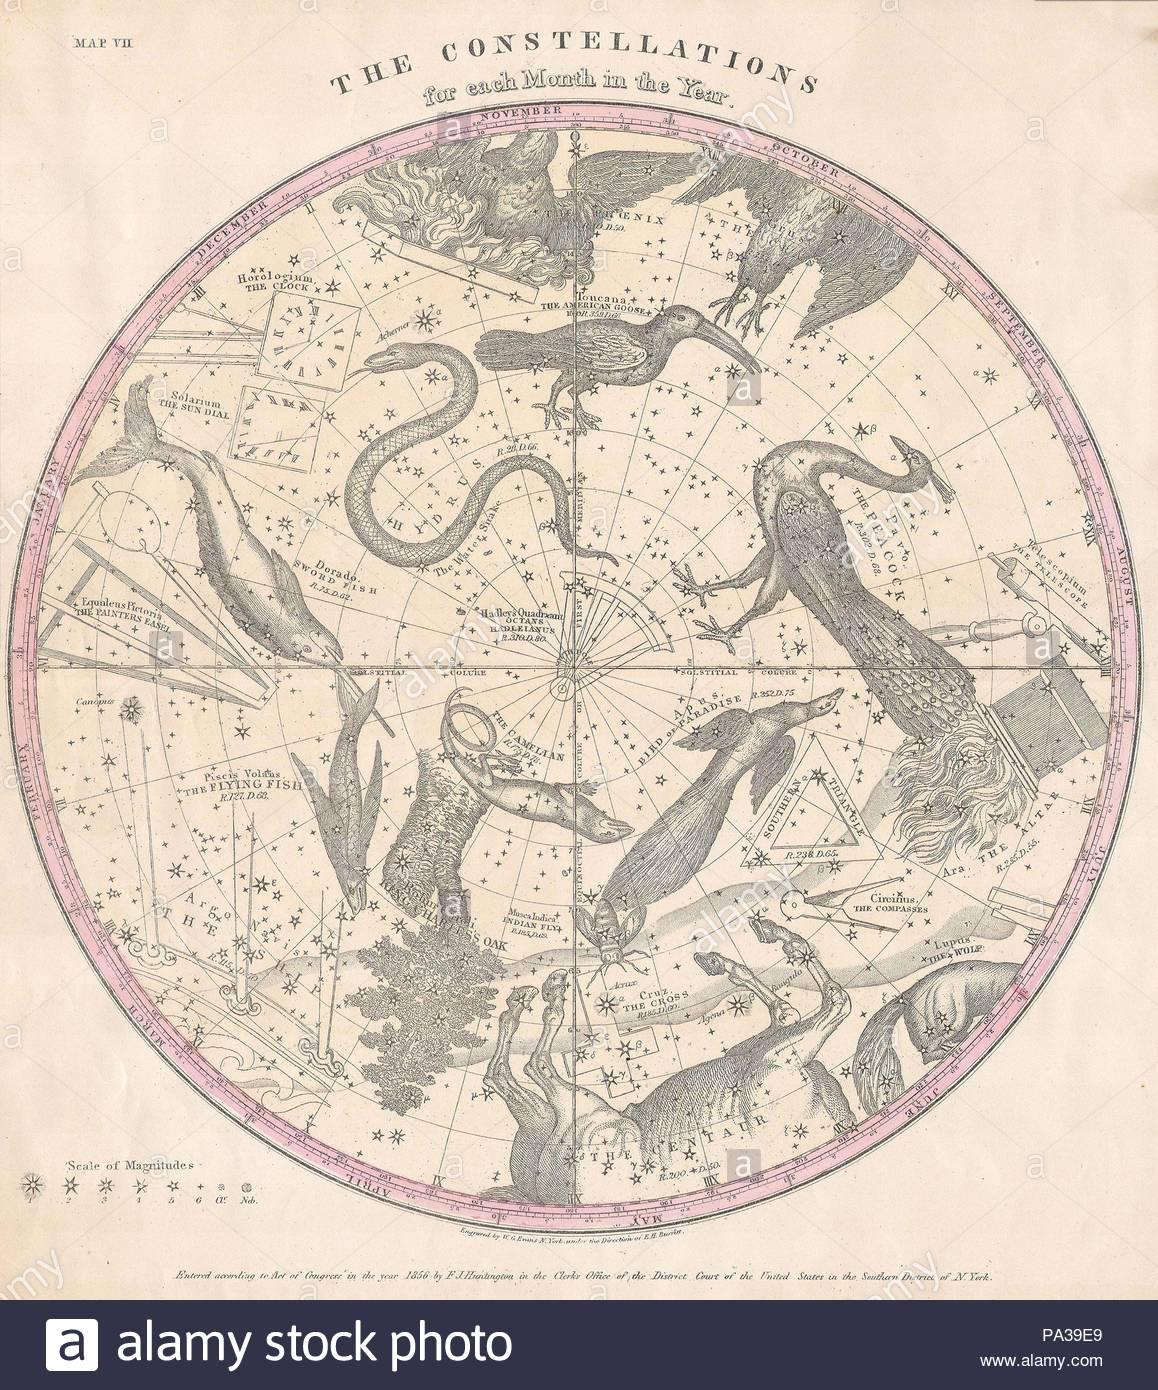 sternbilder karte 1856, Burritt, Huntington Karte der Sterne und Sternbilder der